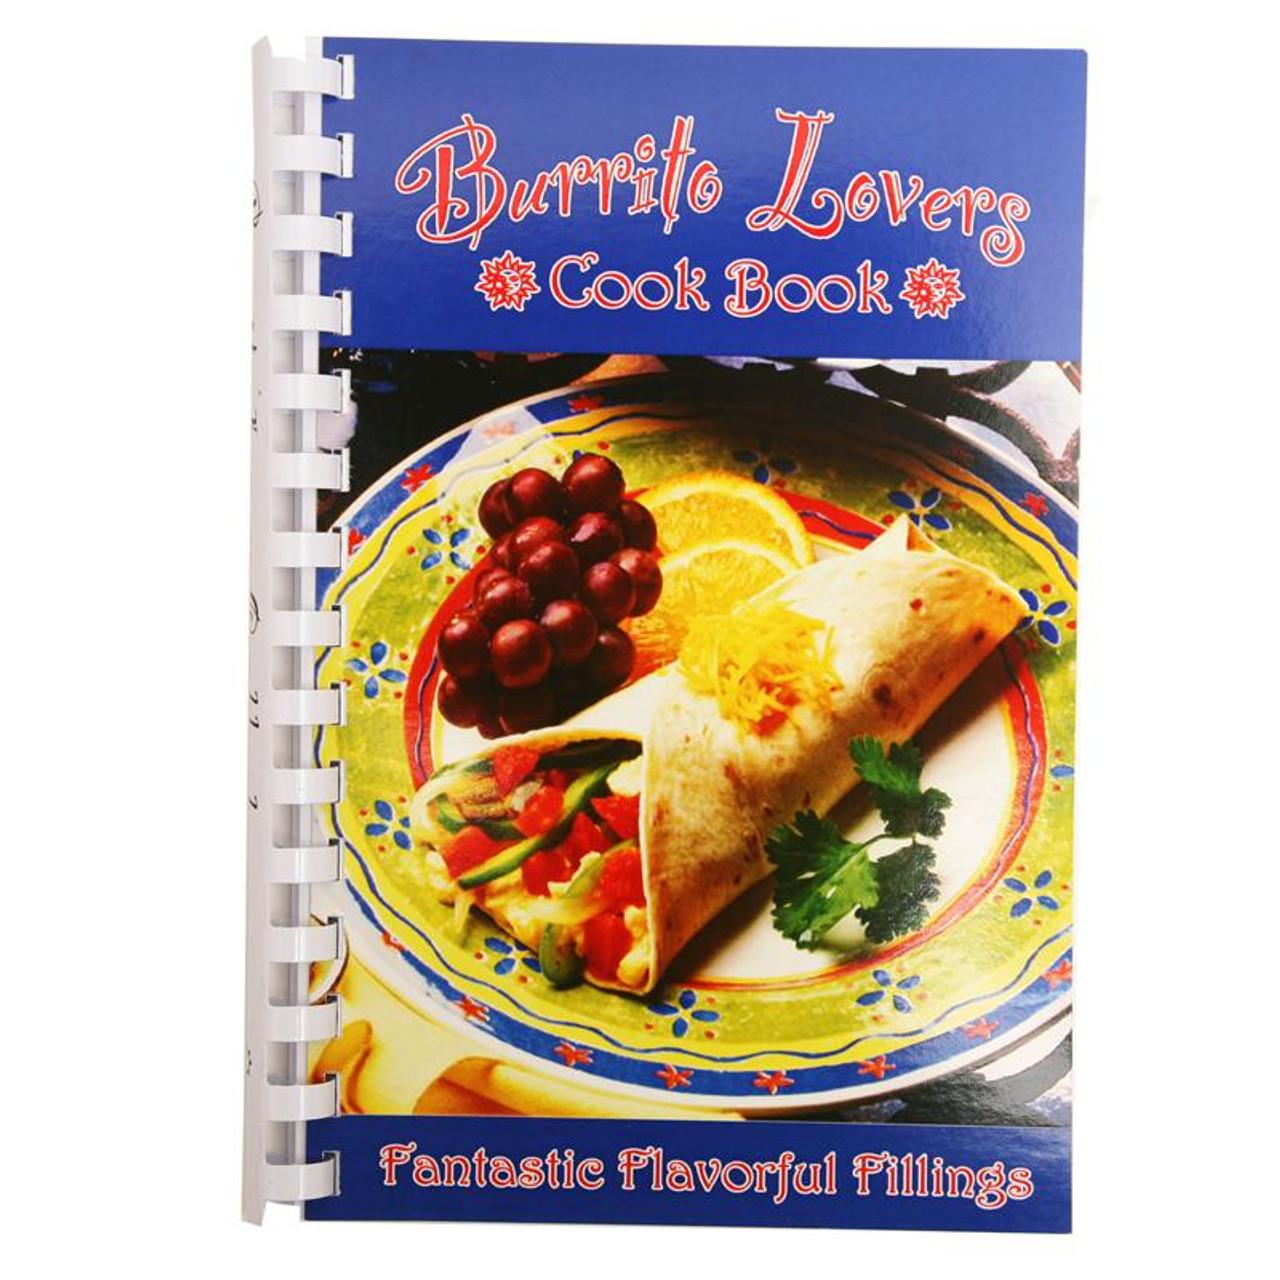 Burrito Lovers Cookbook